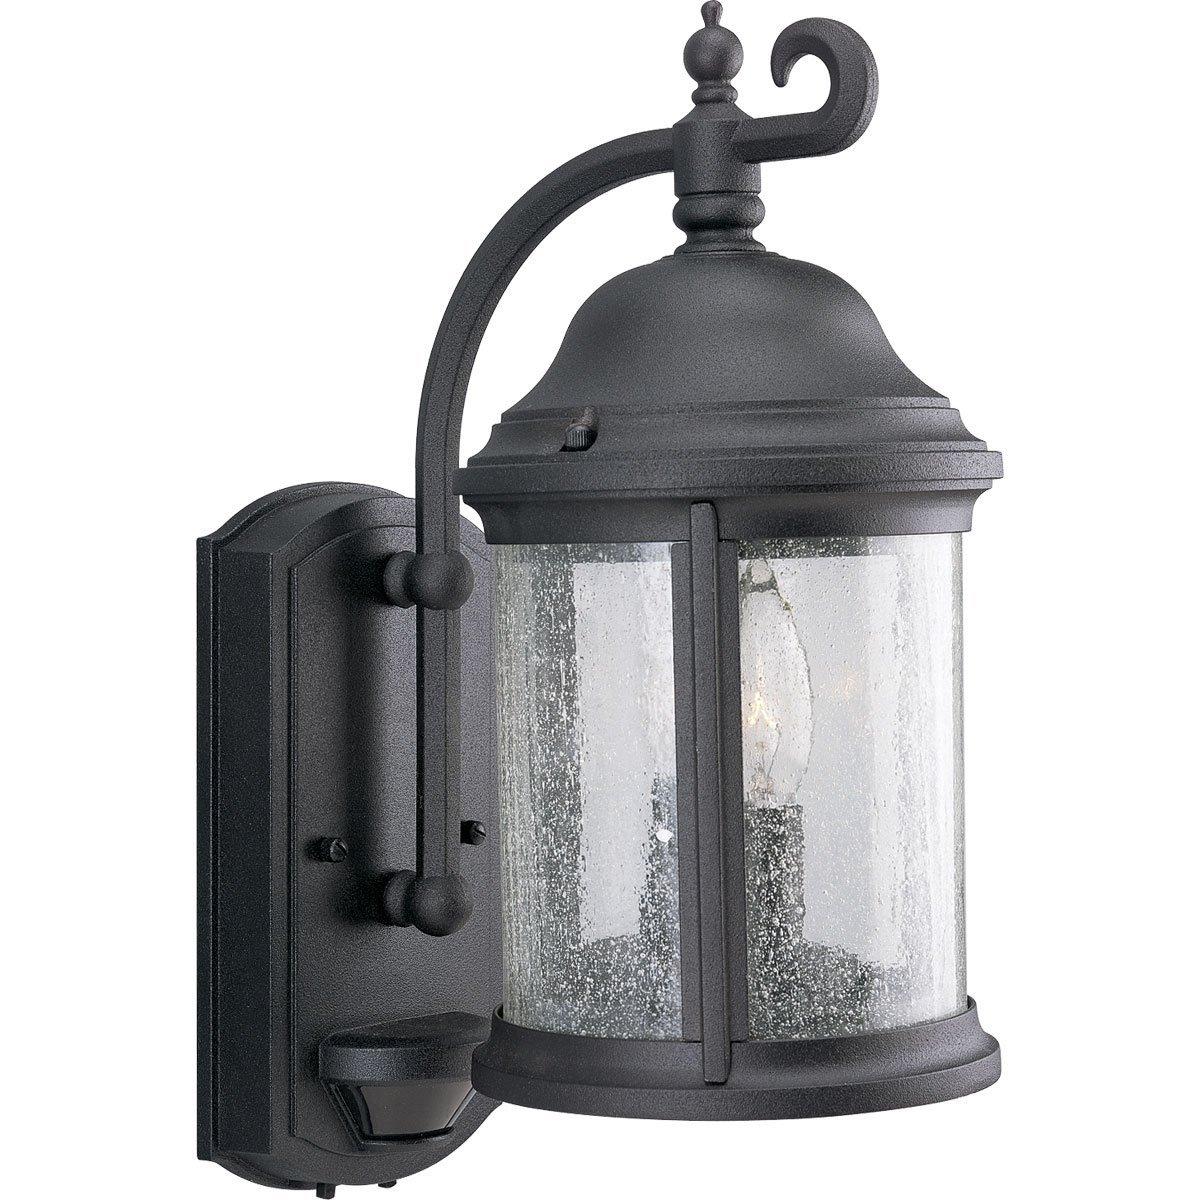 Outdoor motion sensor wall lights - light in just a swipe | Warisan ...